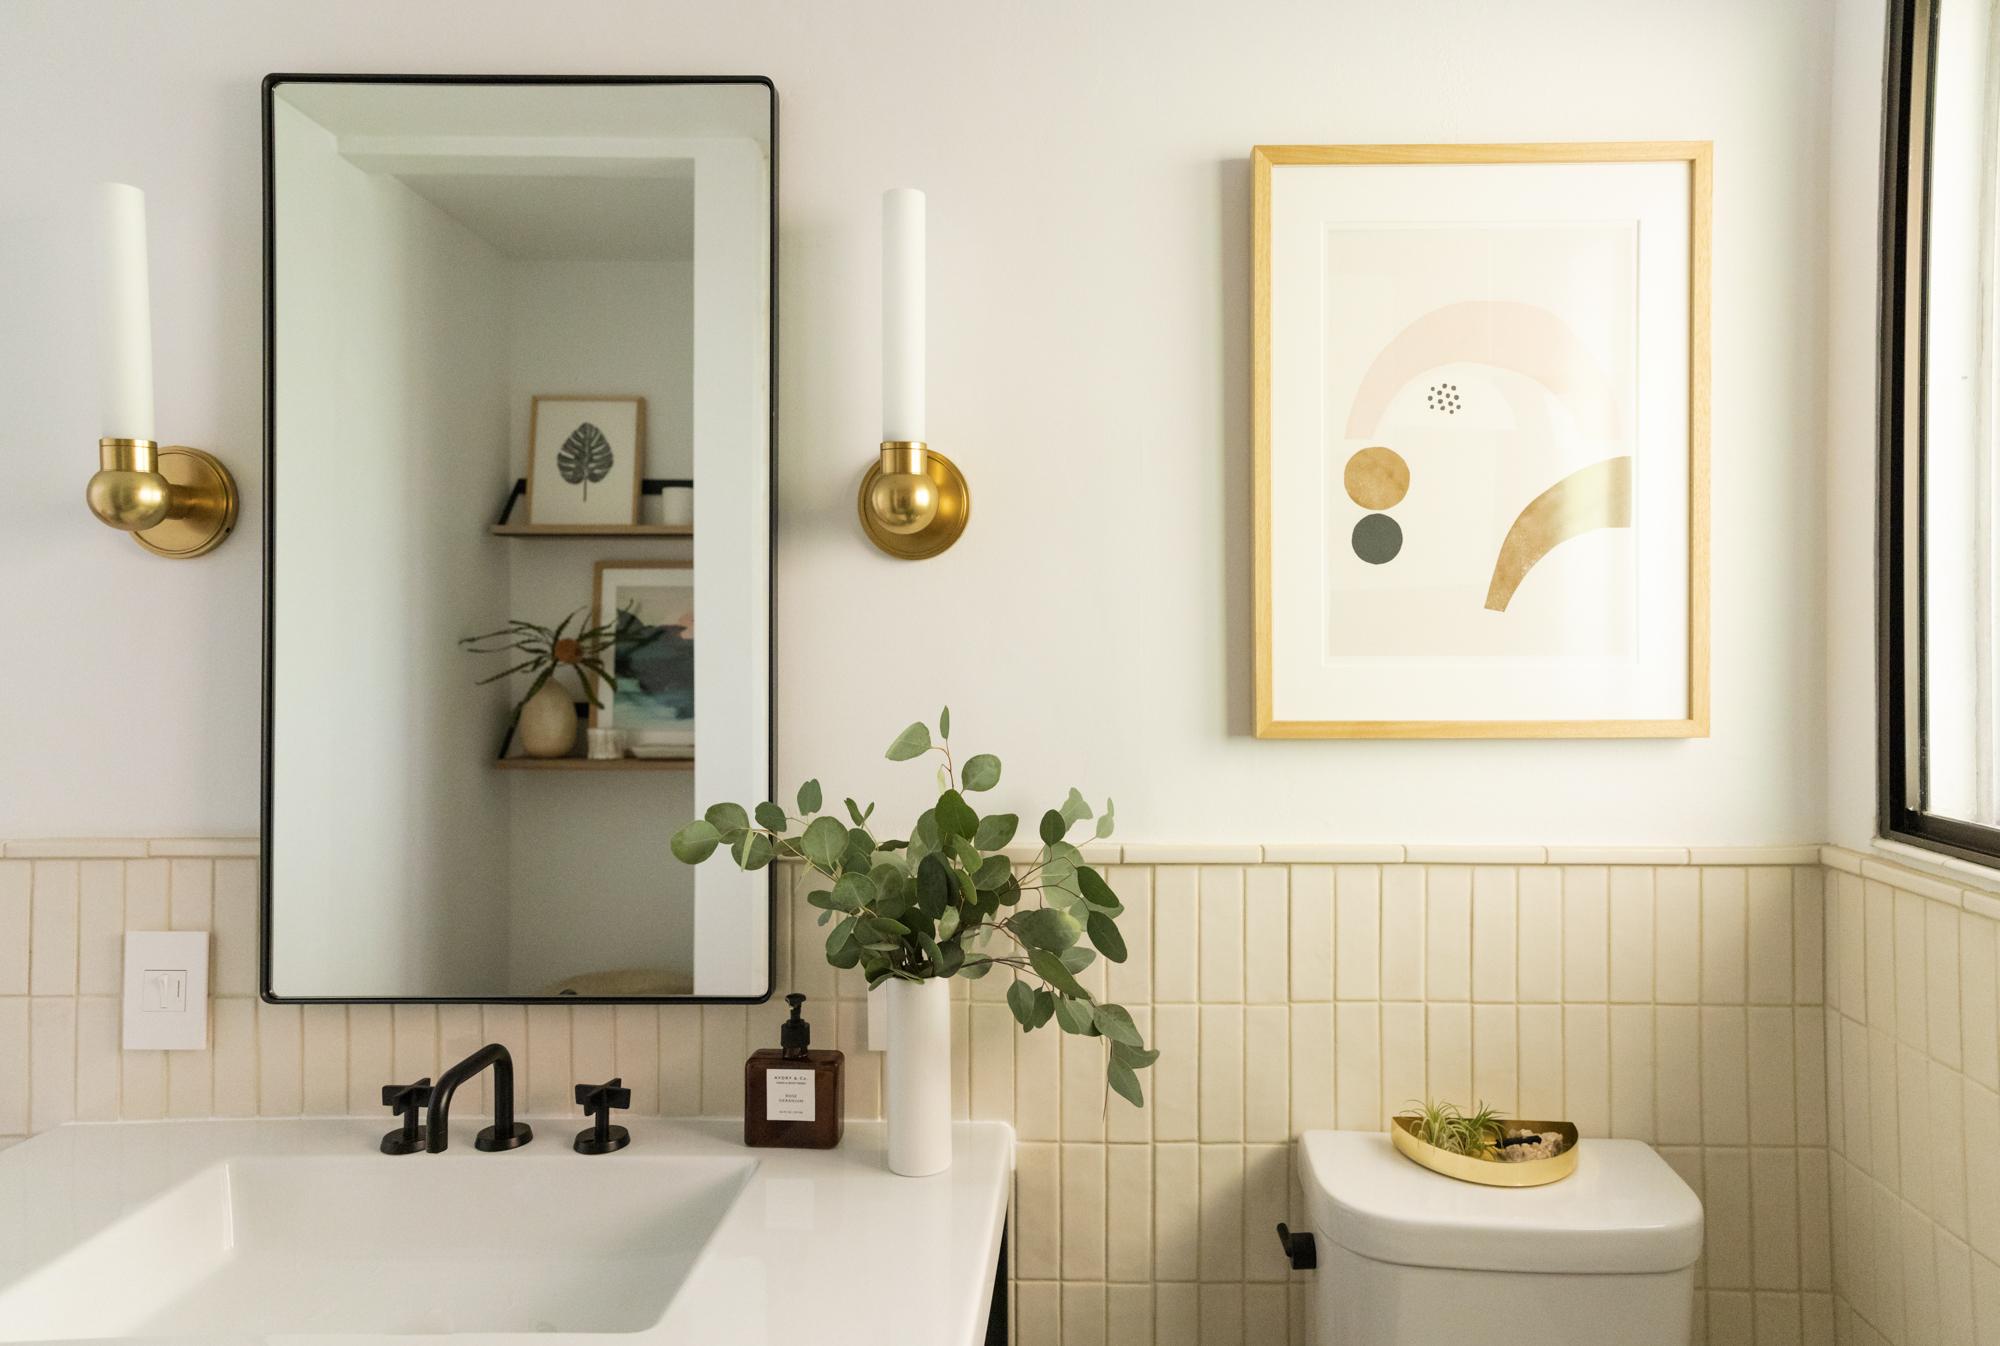 Casework_Bathroom+Remodel_Low+Res_28.jpg